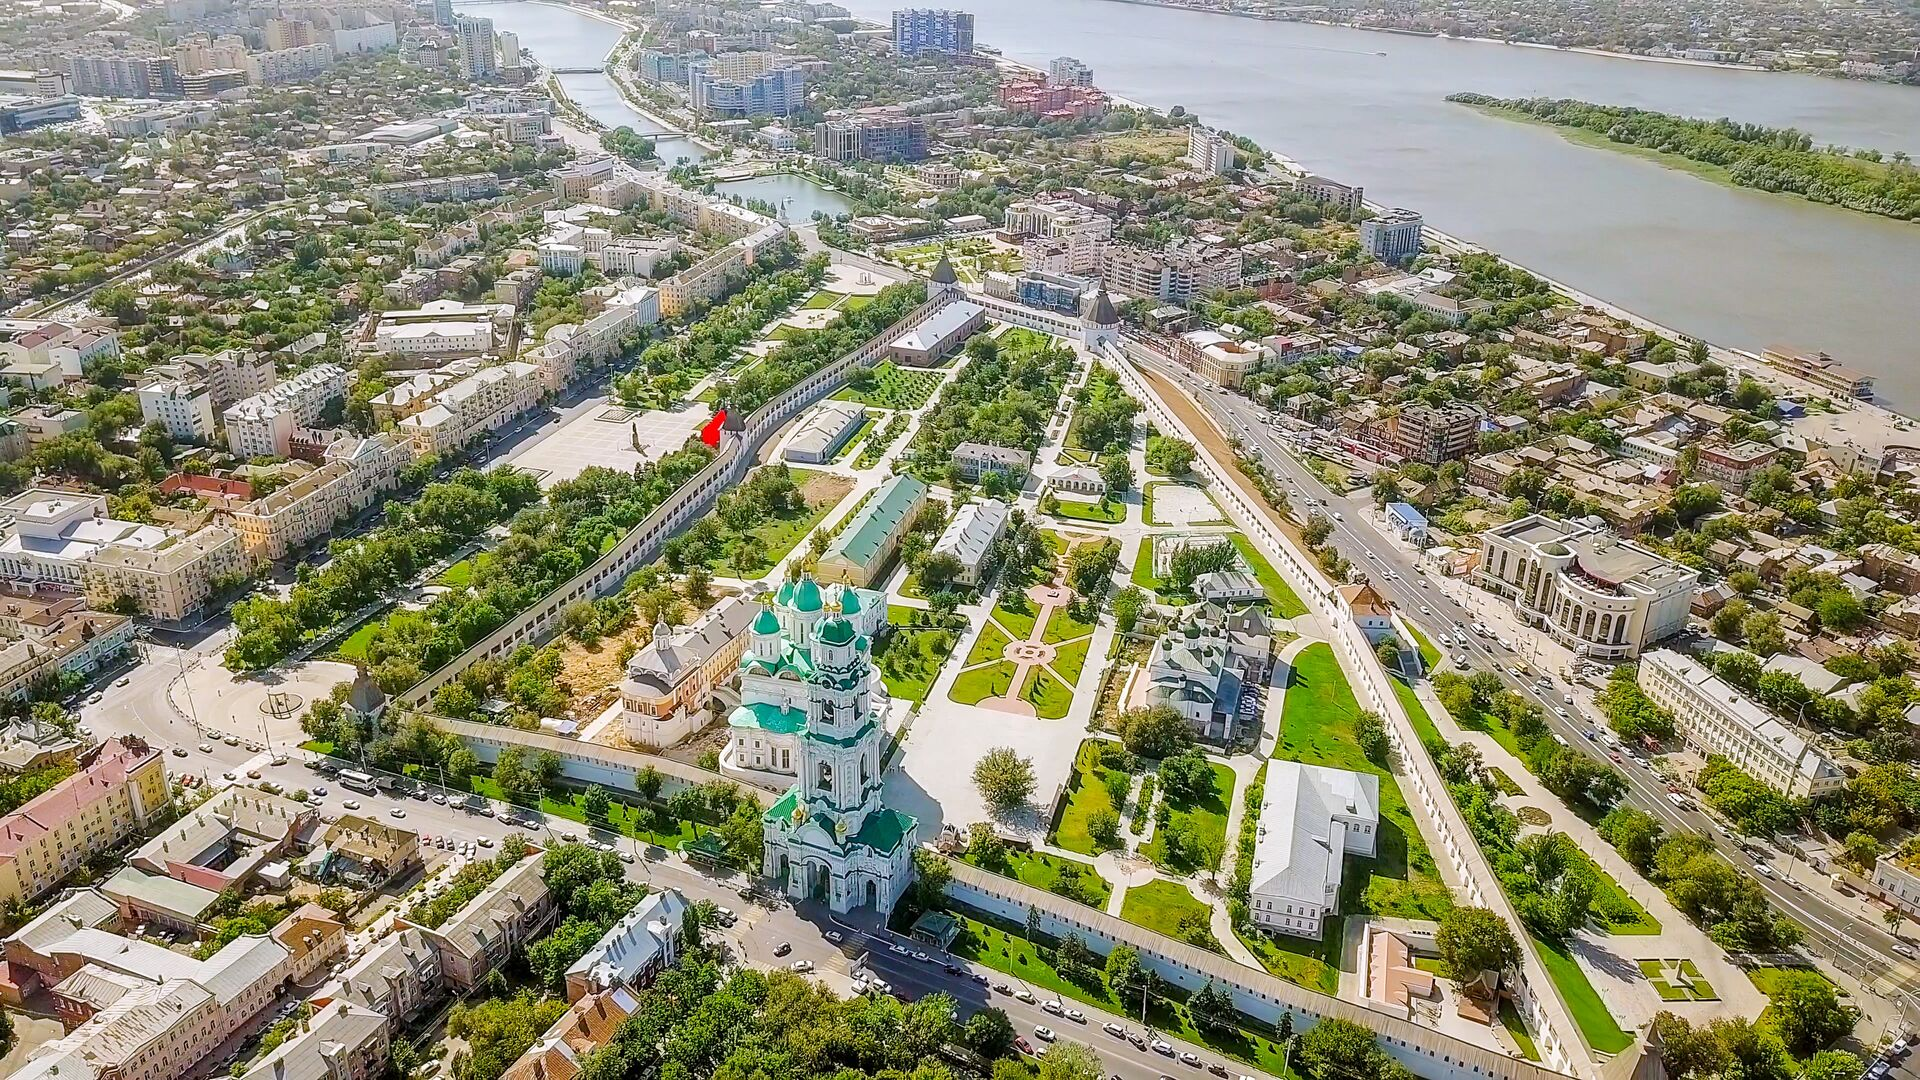 Астраханский кремль - РИА Новости, 1920, 04.08.2021